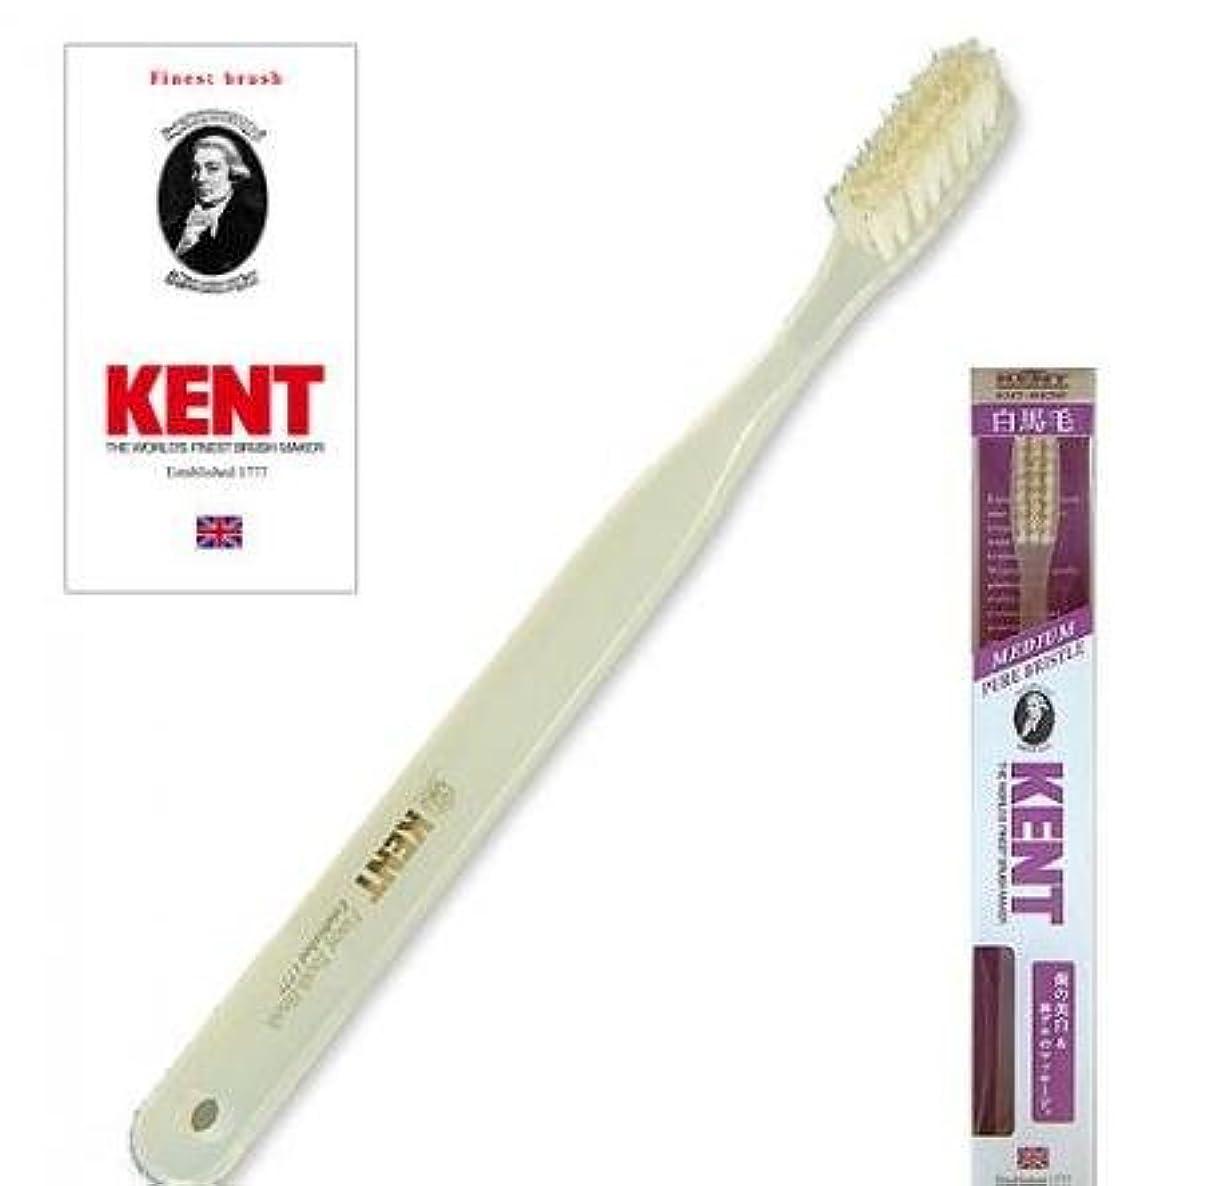 幸運な引き潮用量KENT(ケント) 白馬毛歯ブラシ ラージヘッド ふつう 2本セット